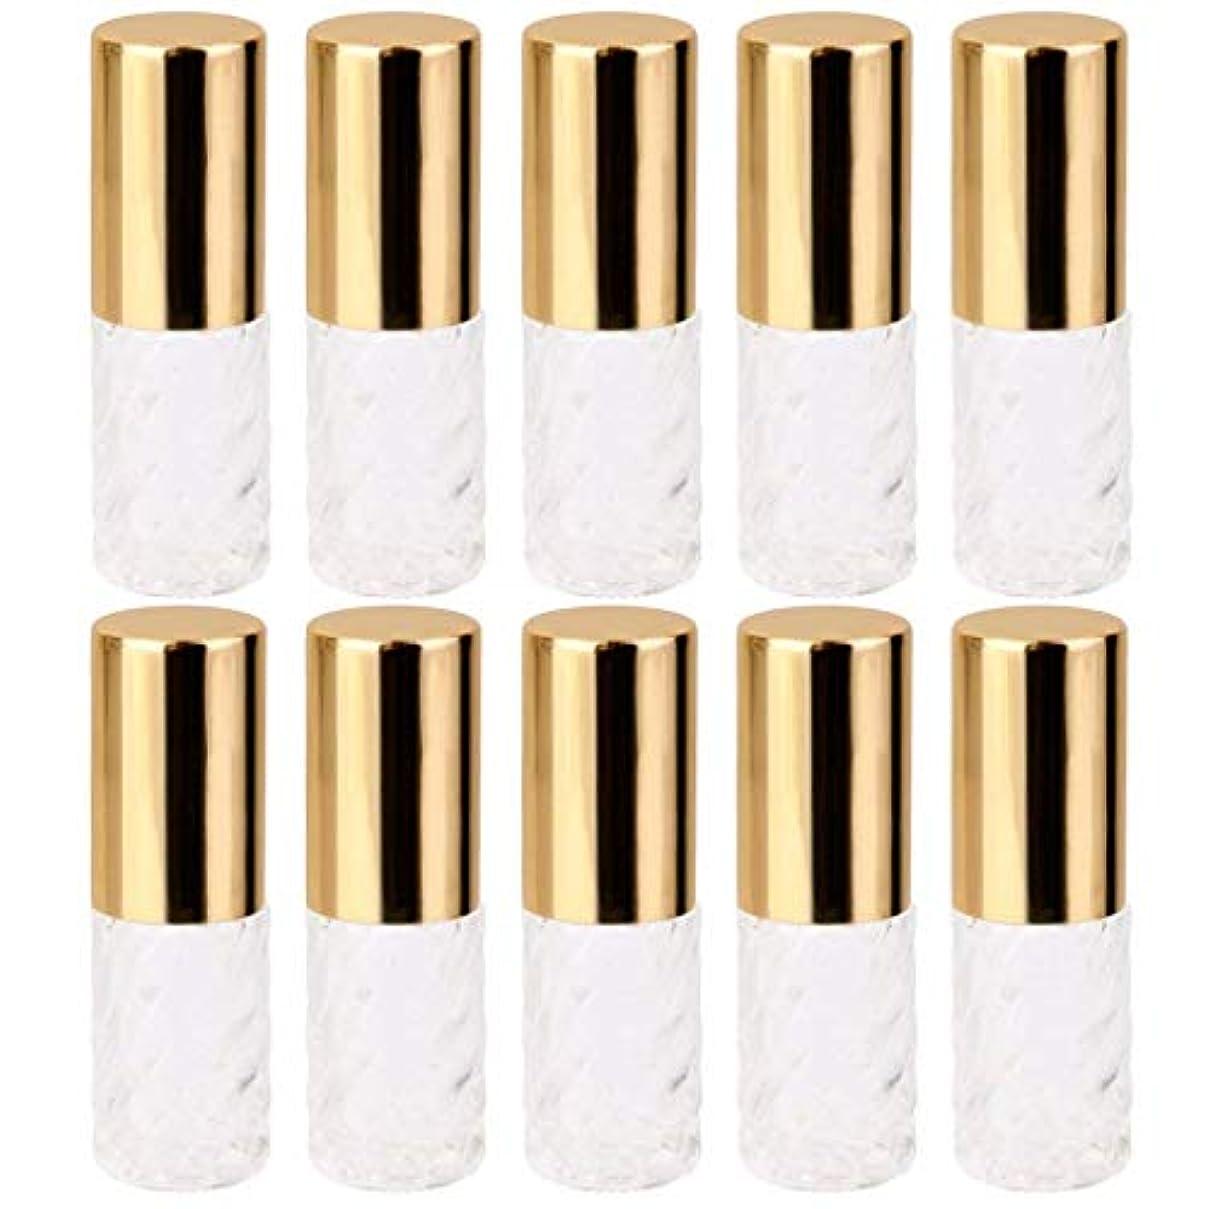 ファンカレンダーシンボル10個 5ml 透明 交換 旅行 空 ロールオン ガラス 香水瓶 容器 コスメ 詰替え 便利